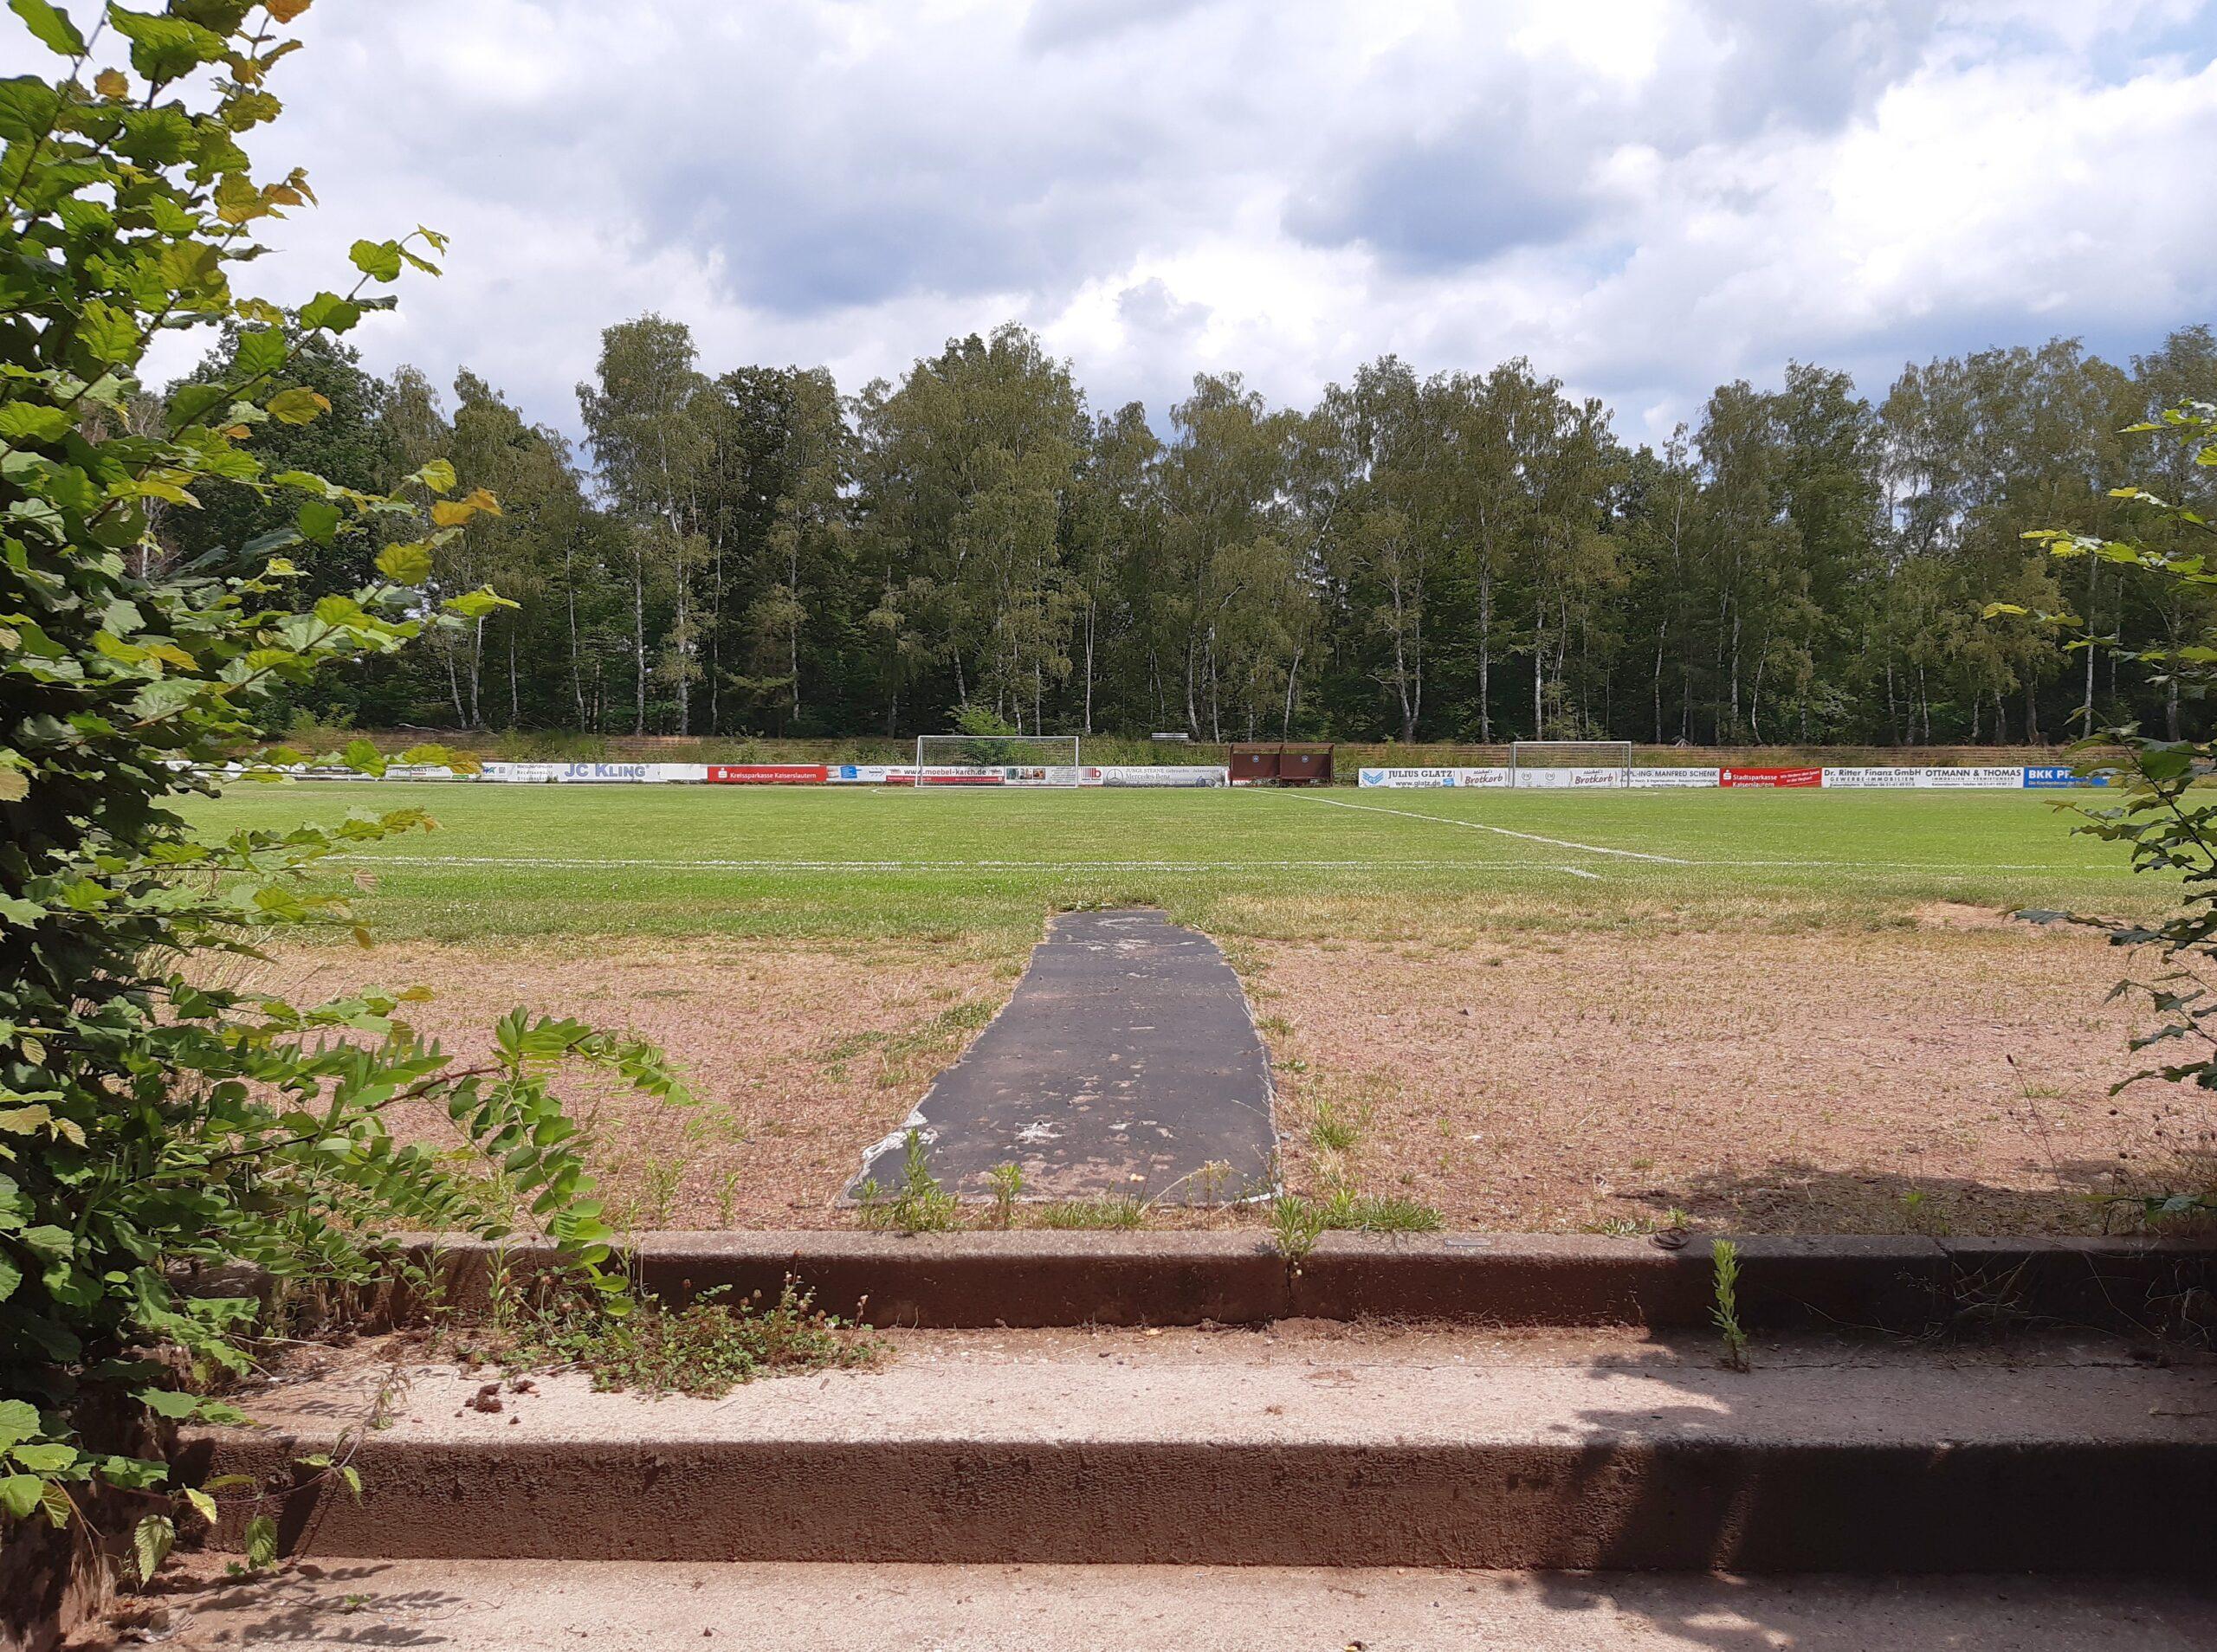 Ein Blick auf das Spielfeld am Erbsenberg